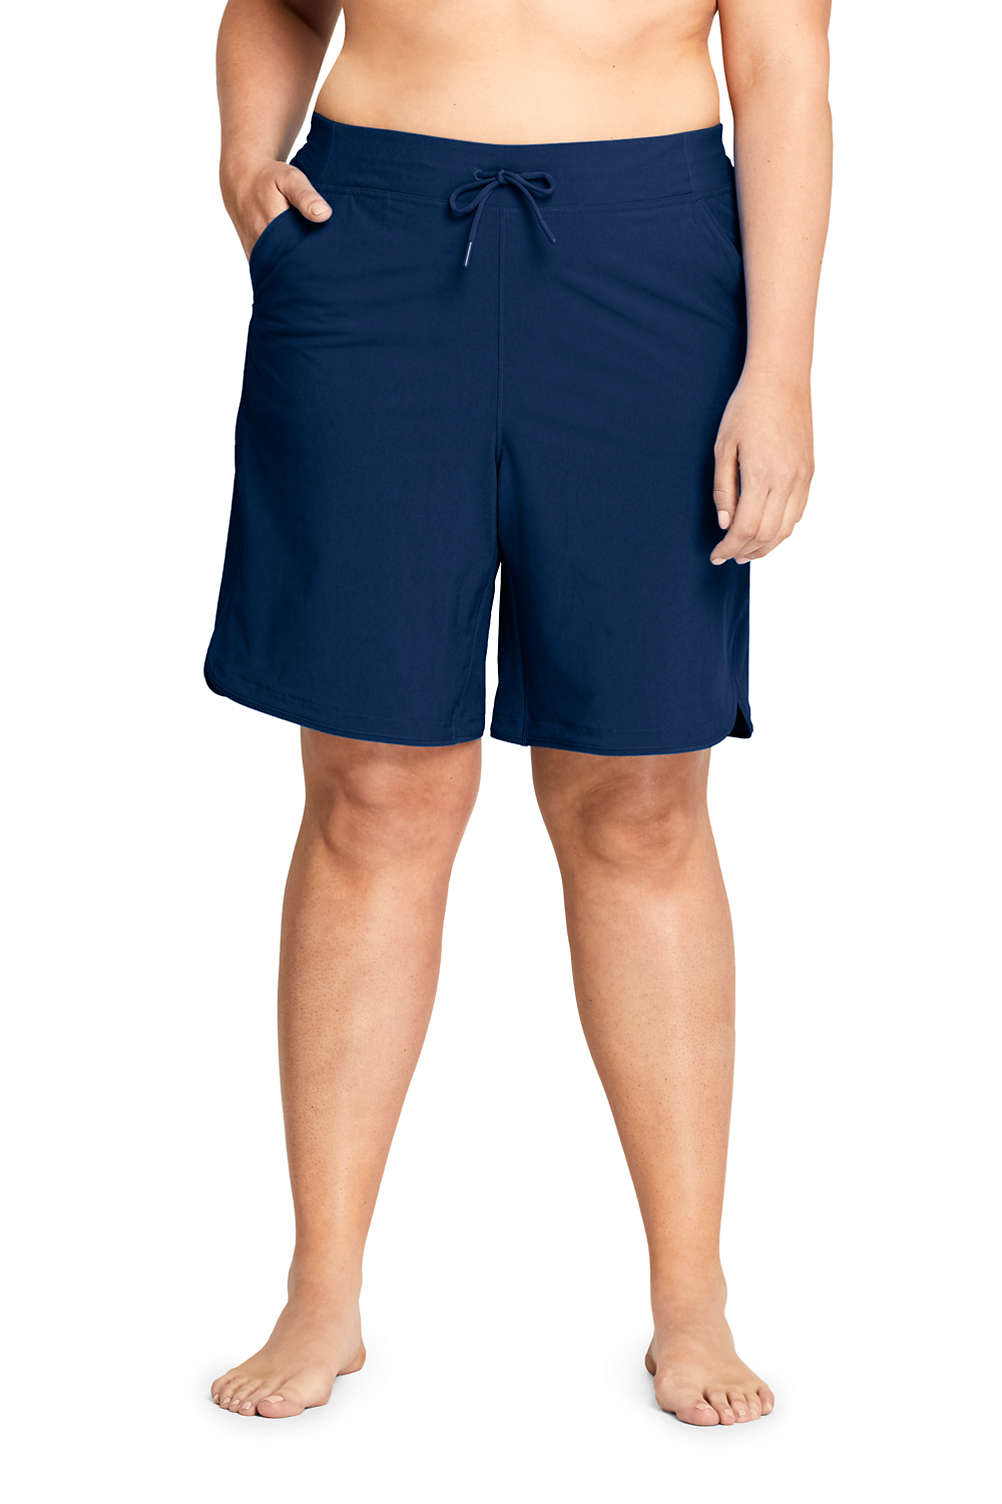 a8b2ccd2cd Women's Plus Size Comfort Waist 9